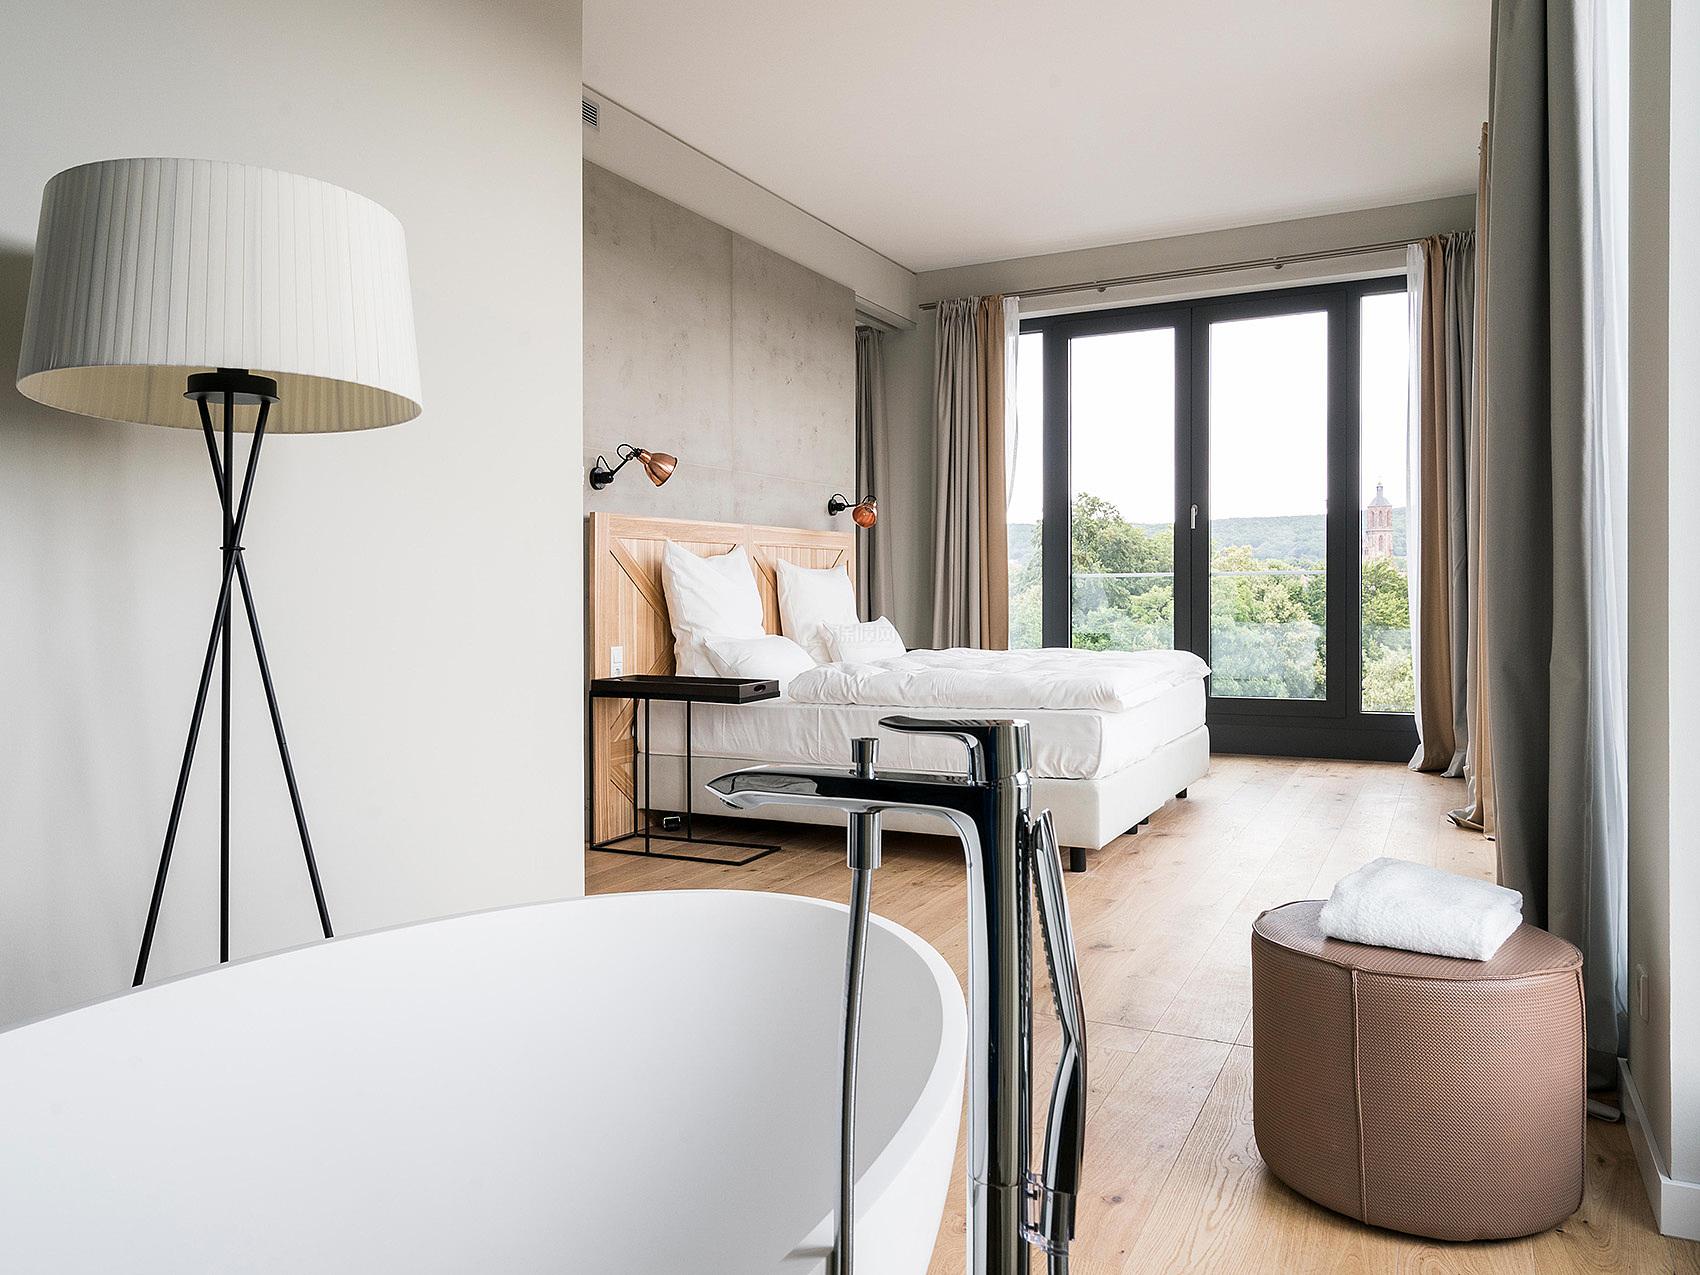 哥廷根Freigeist酒店之客房内浴缸设计效果图